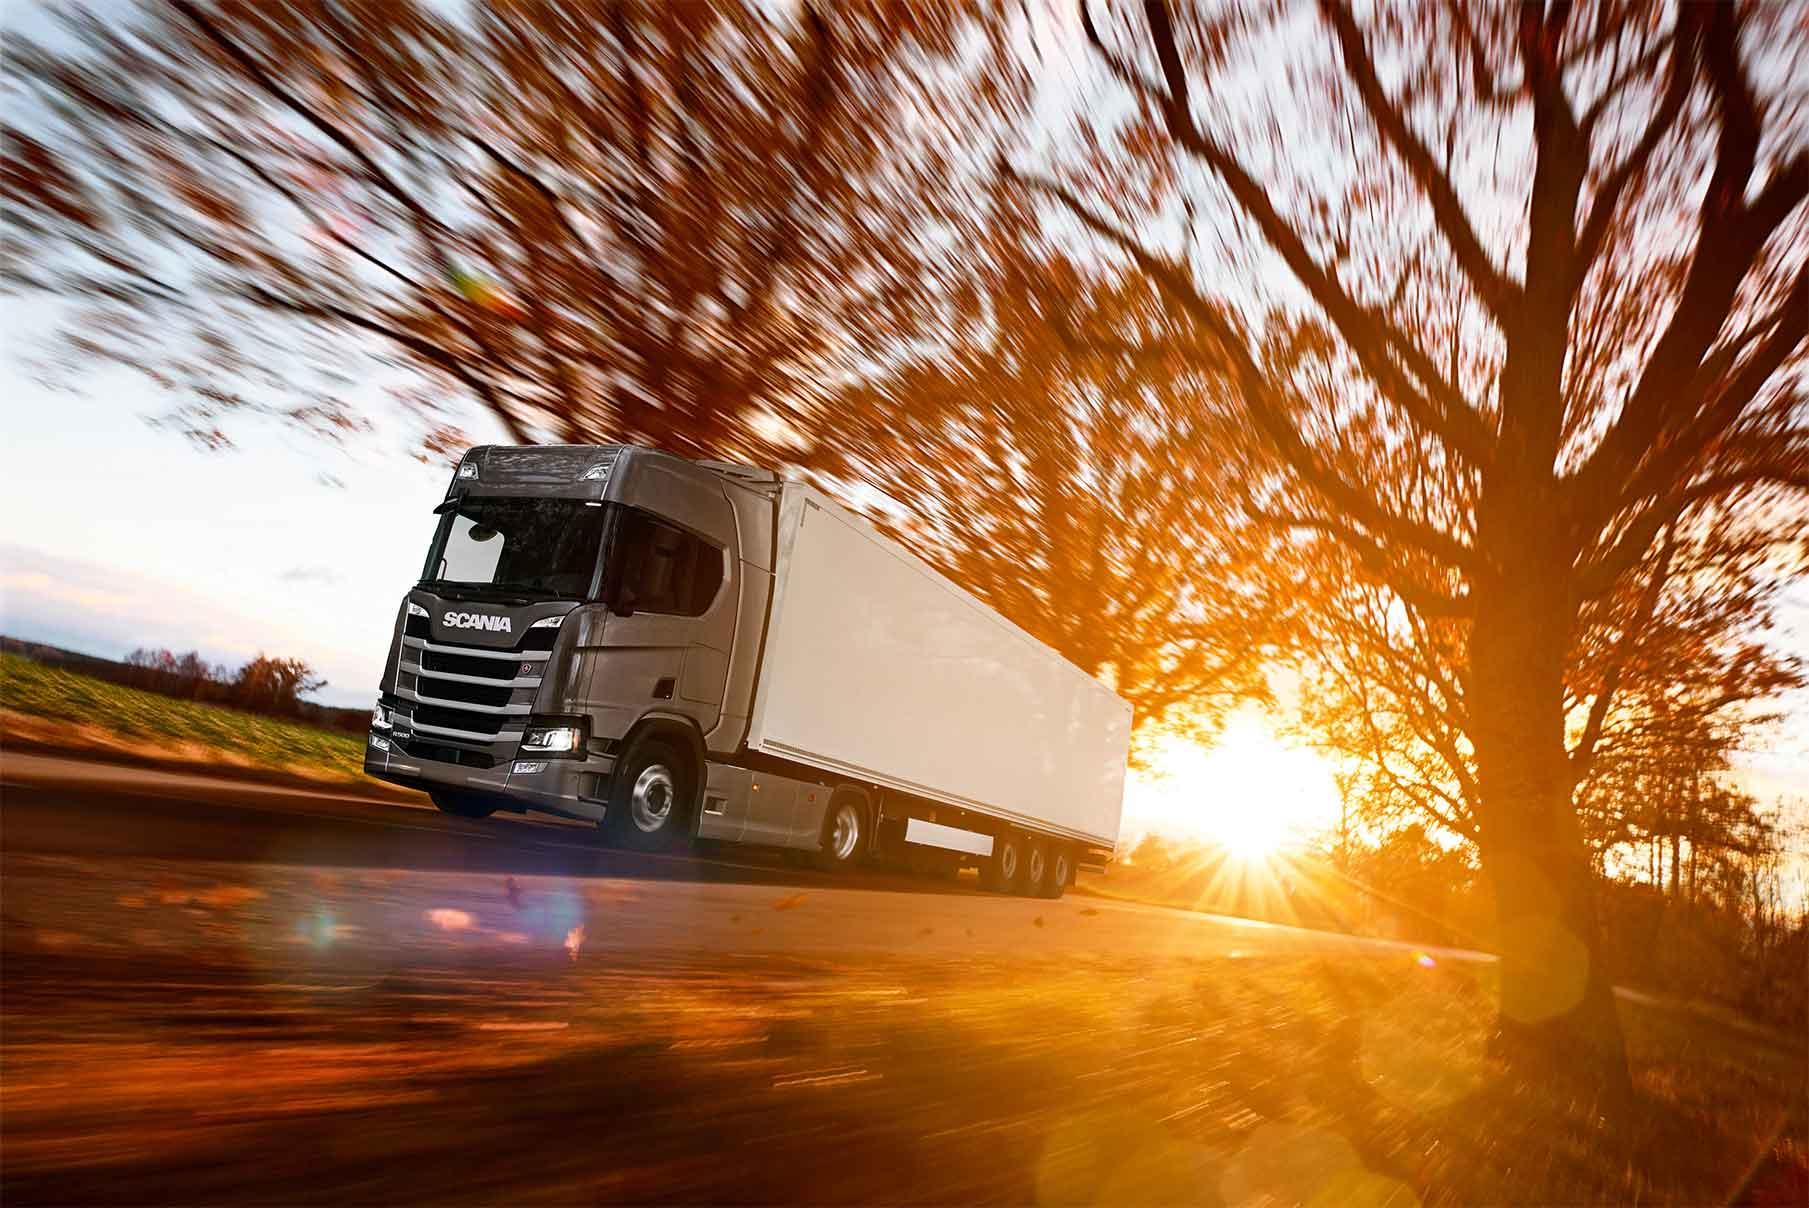 چند توصیه به رانندگان کامیون برای رانندگی در تابستان